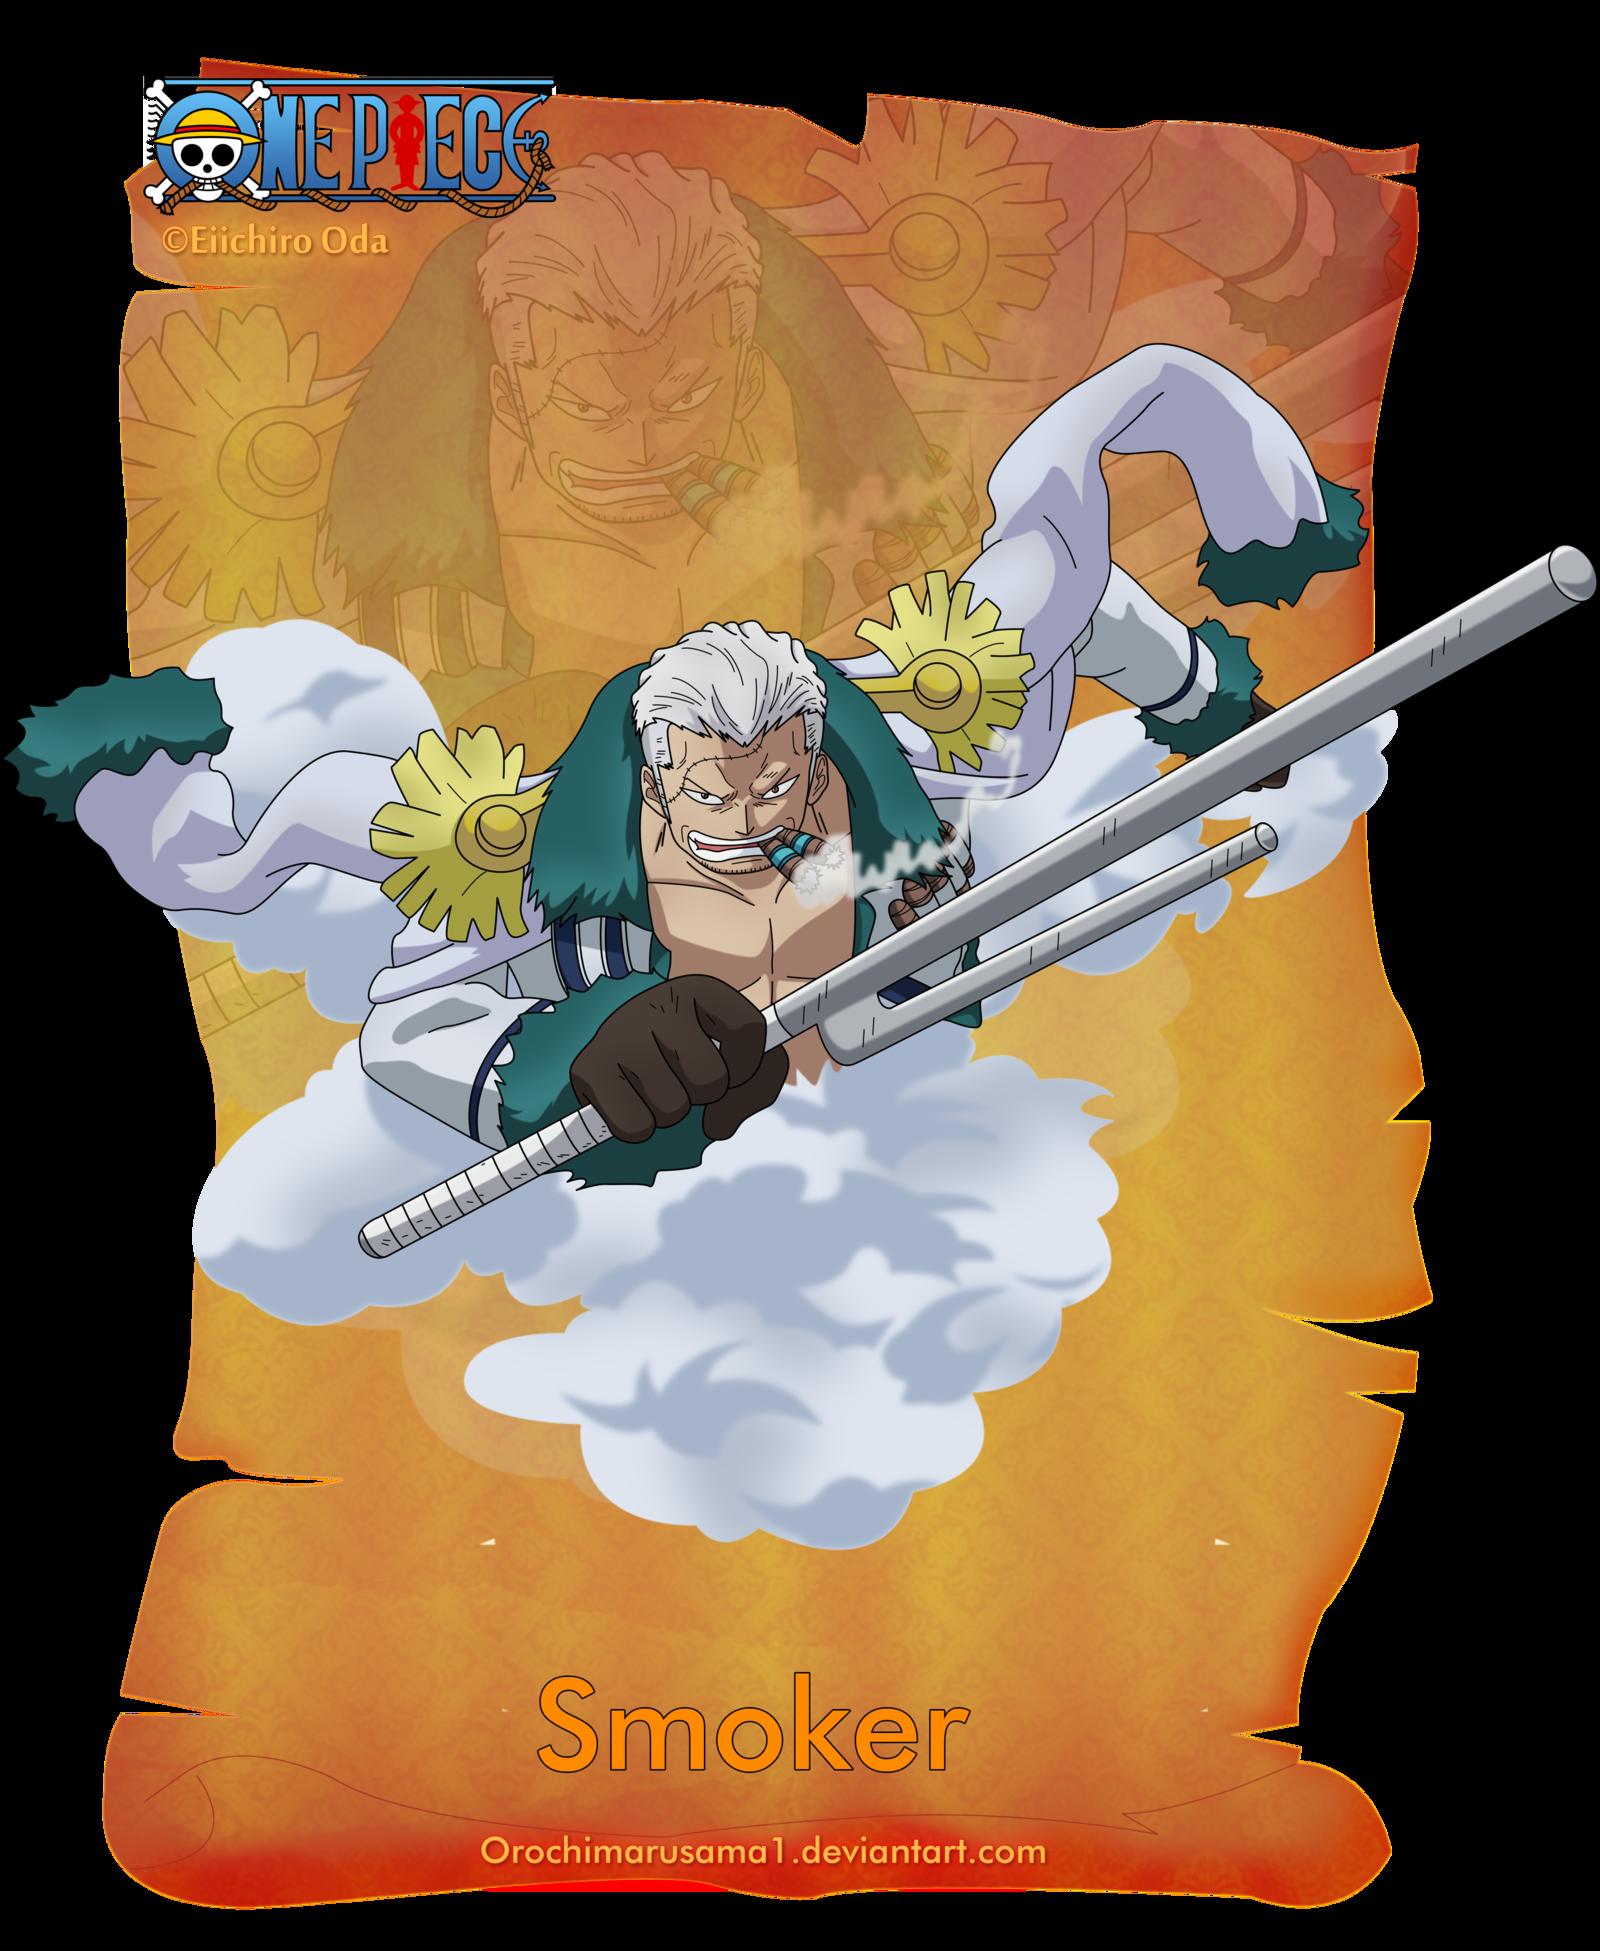 Smoking clipart cartoon guy. One piece smoker